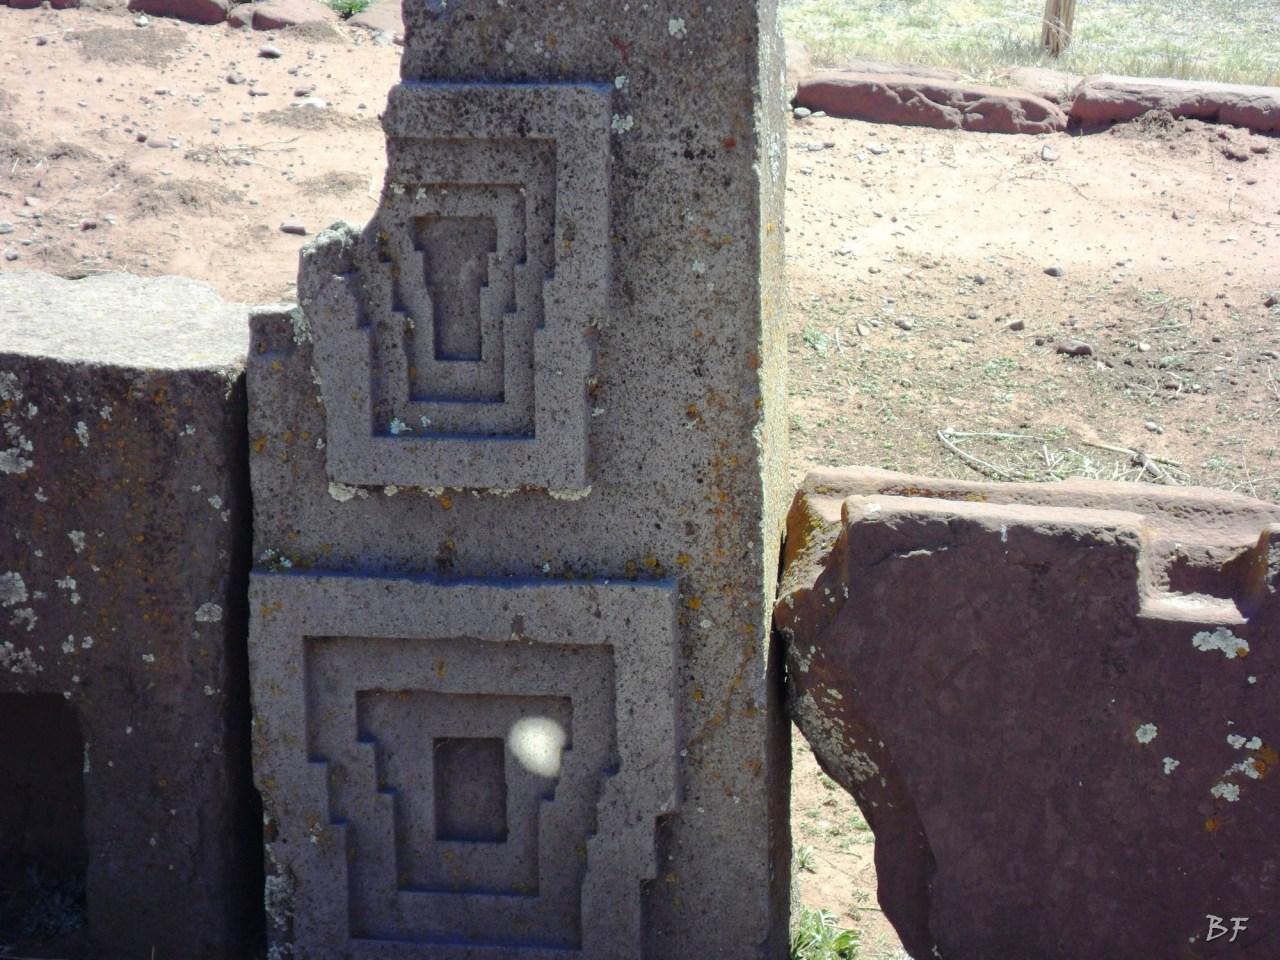 Puma-Punku-Area-Megalitica-Mura-Poligonali-Megaliti-Tiwanaku-Tiahuanaco-Bolivia-5